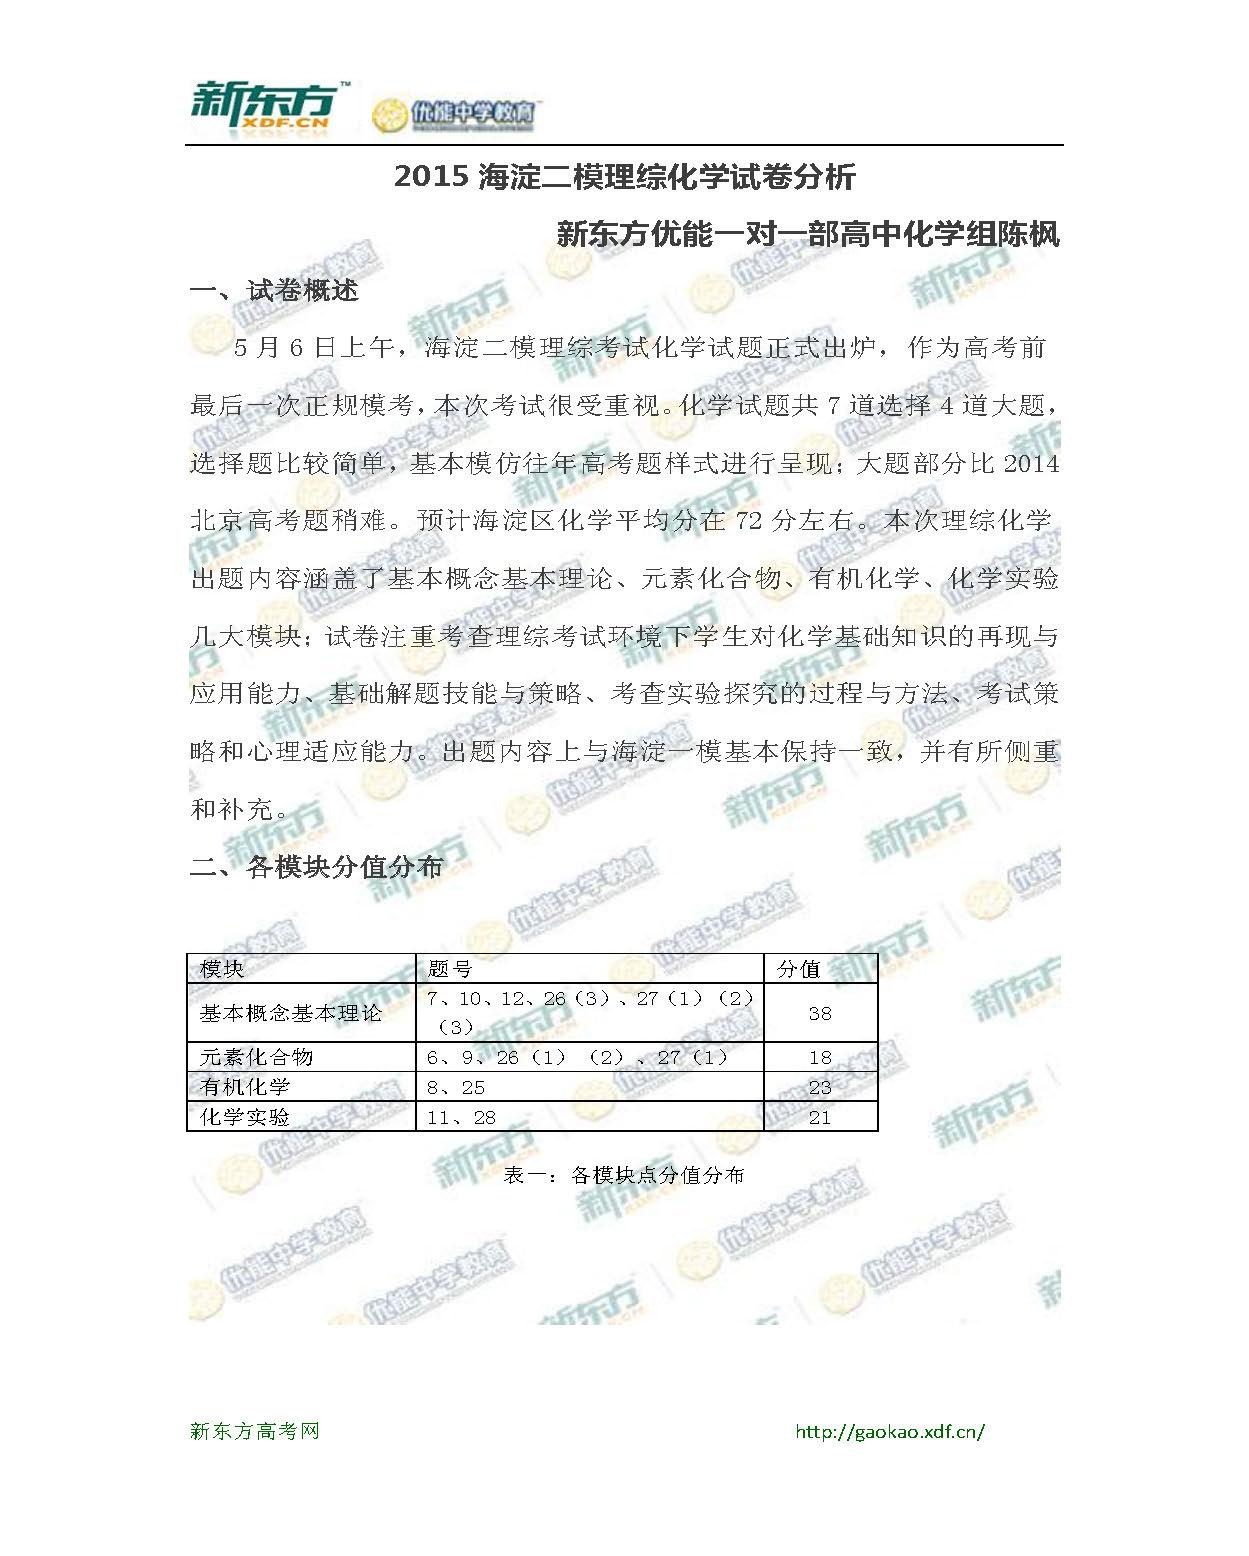 新东方陈枫:2015海淀二模理综化学试卷分析